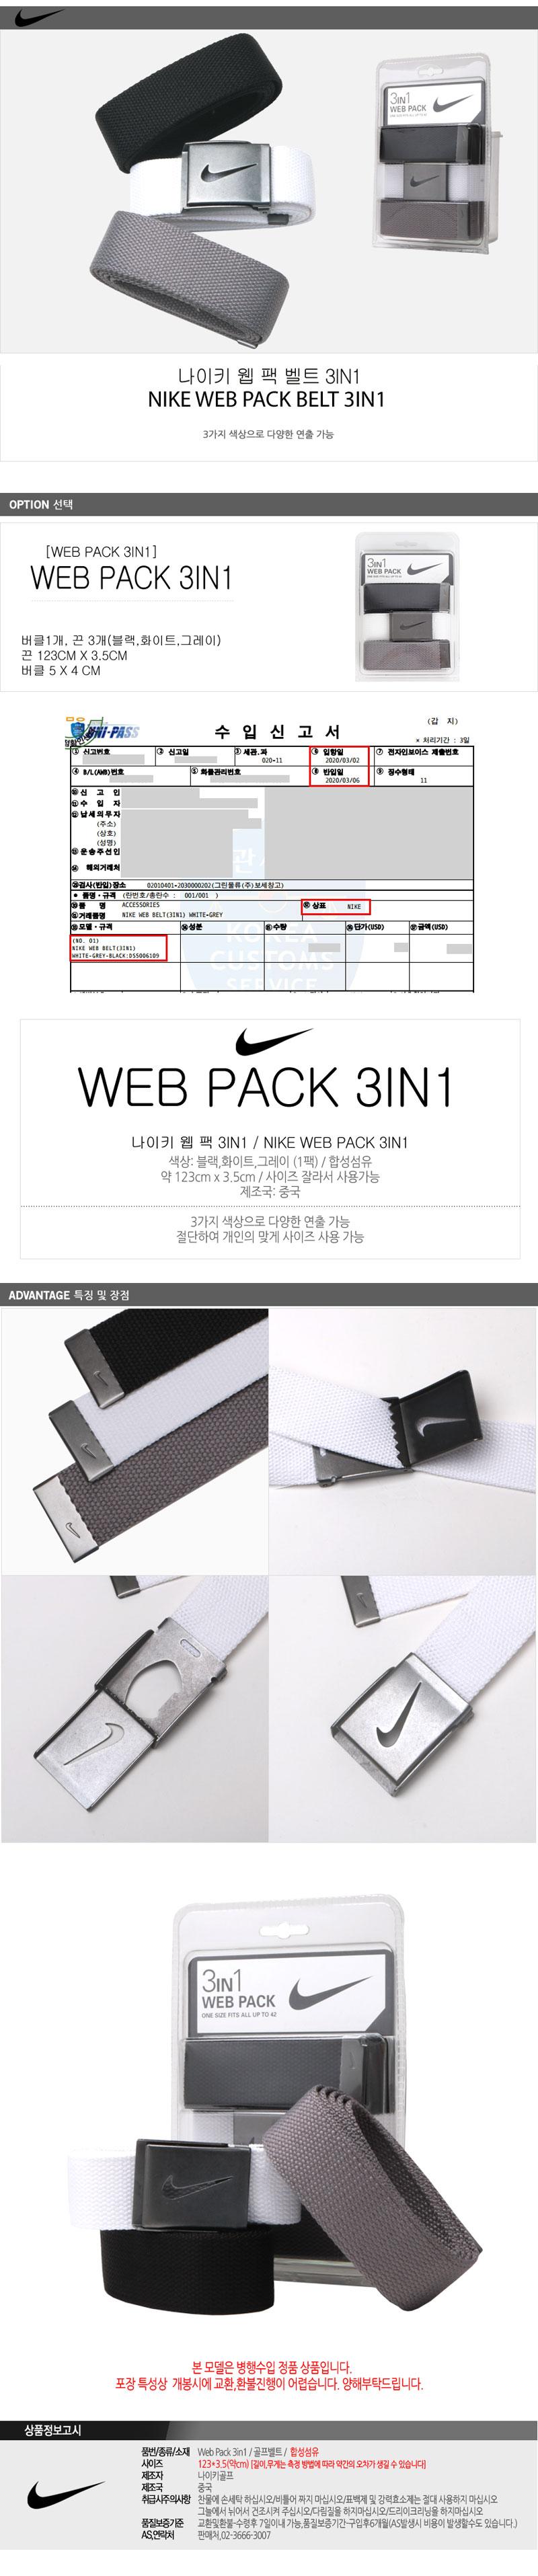 나이키 골프(NIKE GOLF) WebPack 3in1 웹 팩 벨트